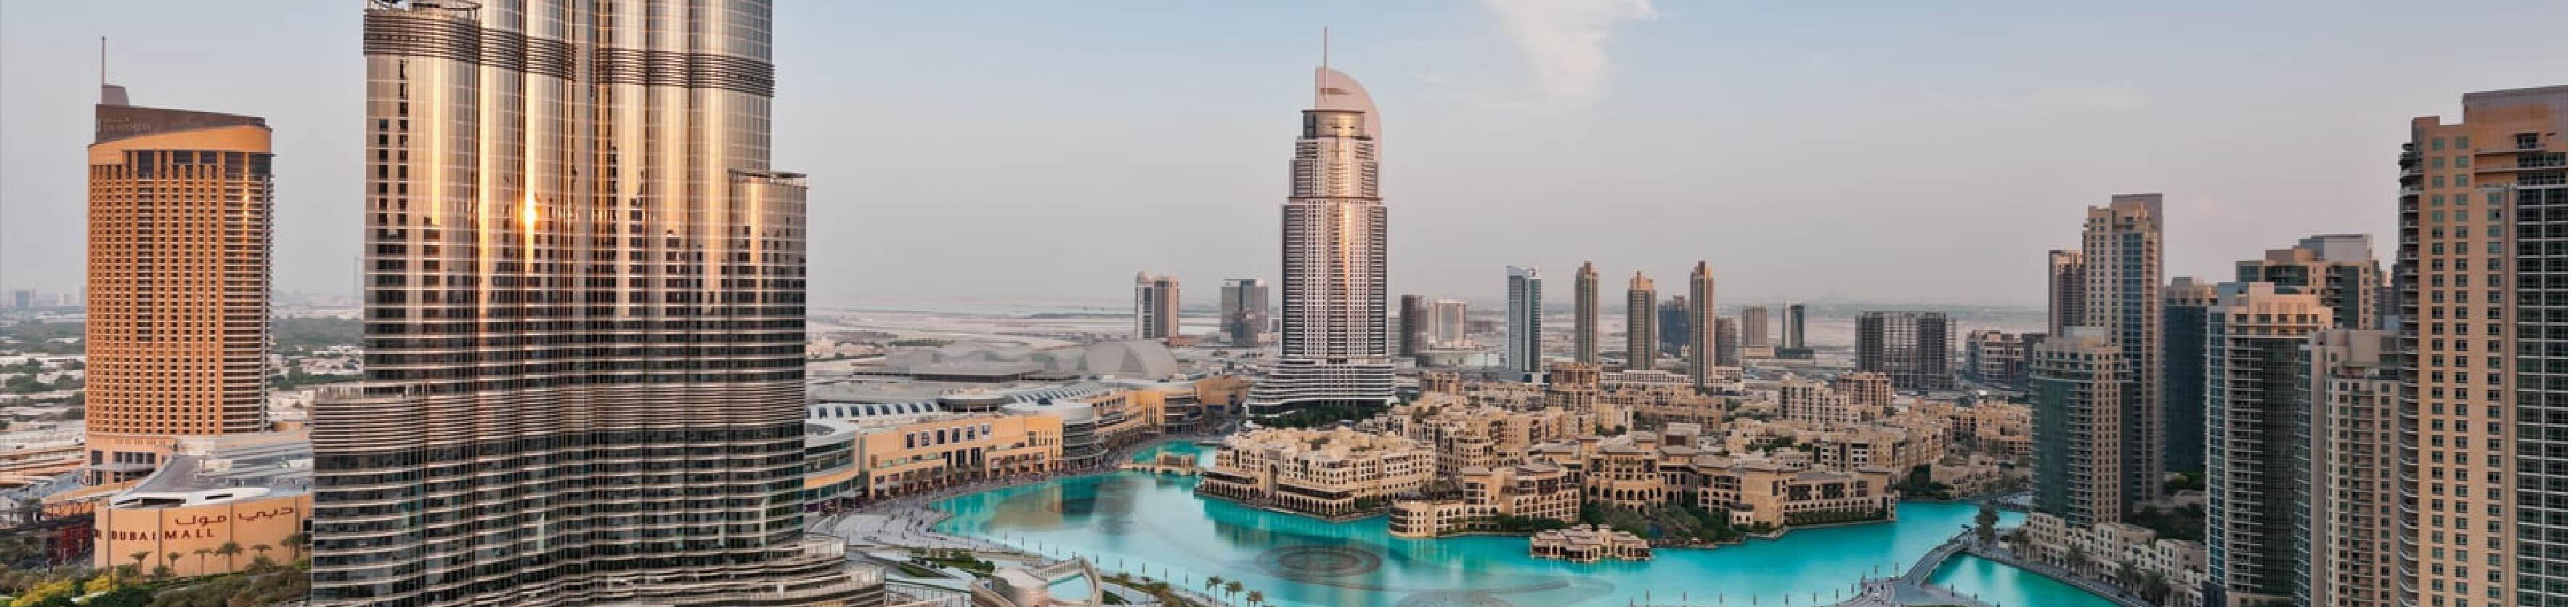 7 من أسواق دبي التي يجب أن تشملها جولتك في المدينة